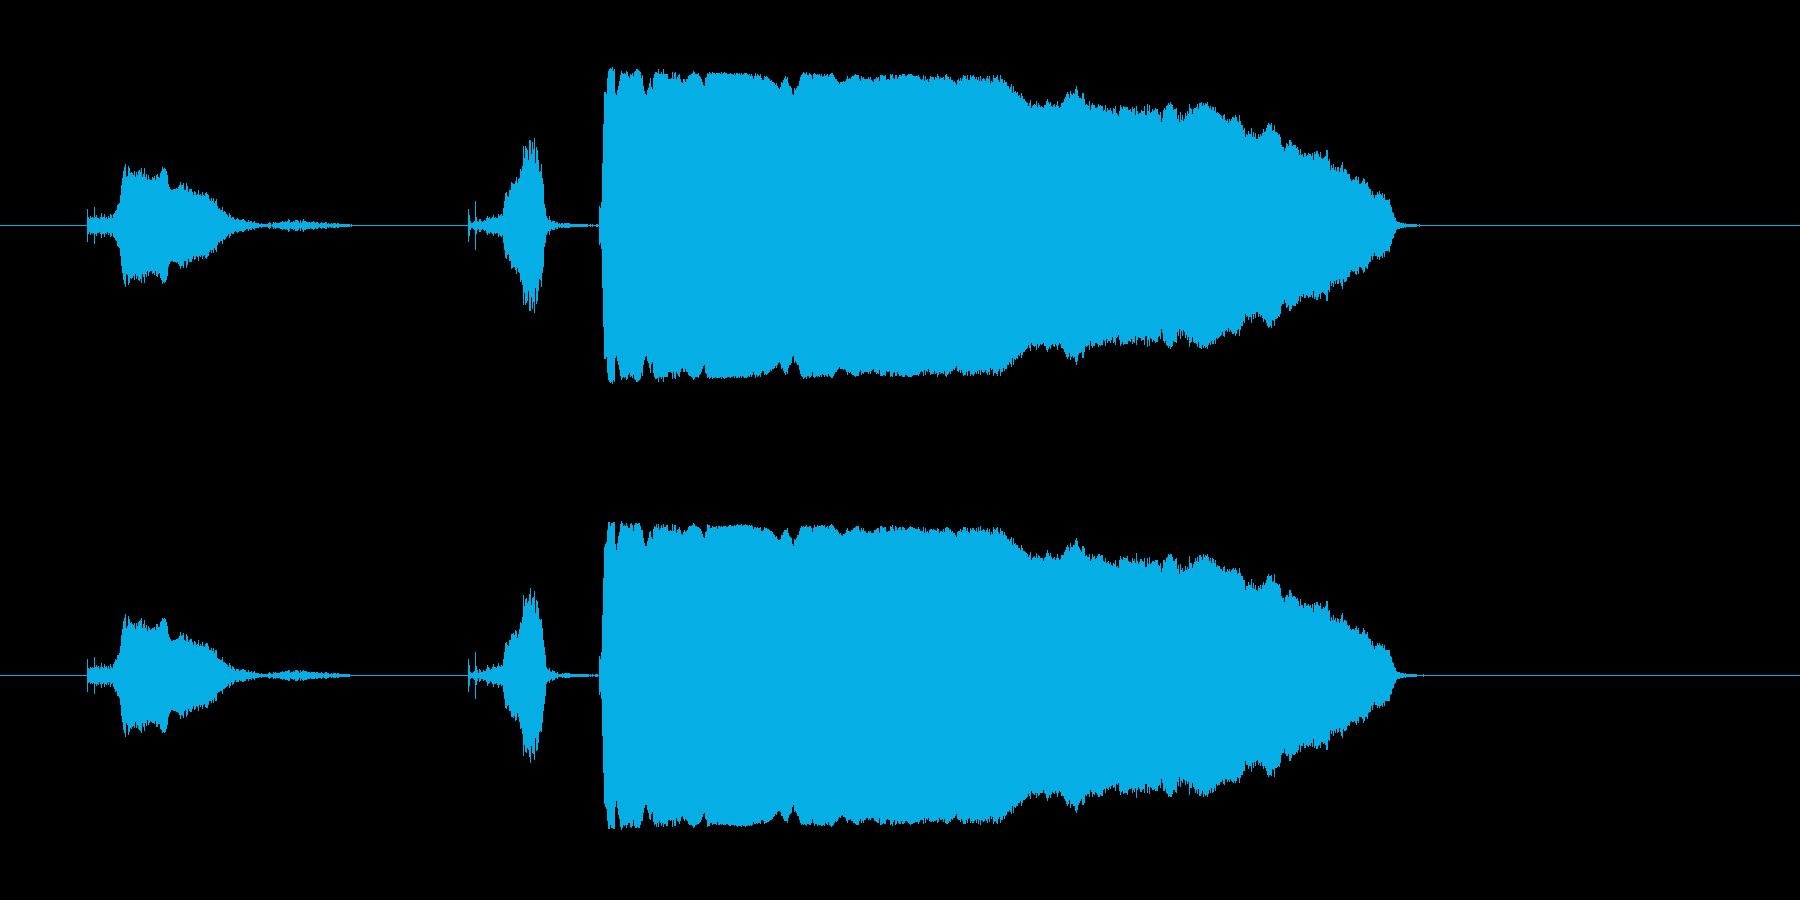 き、キター!の再生済みの波形